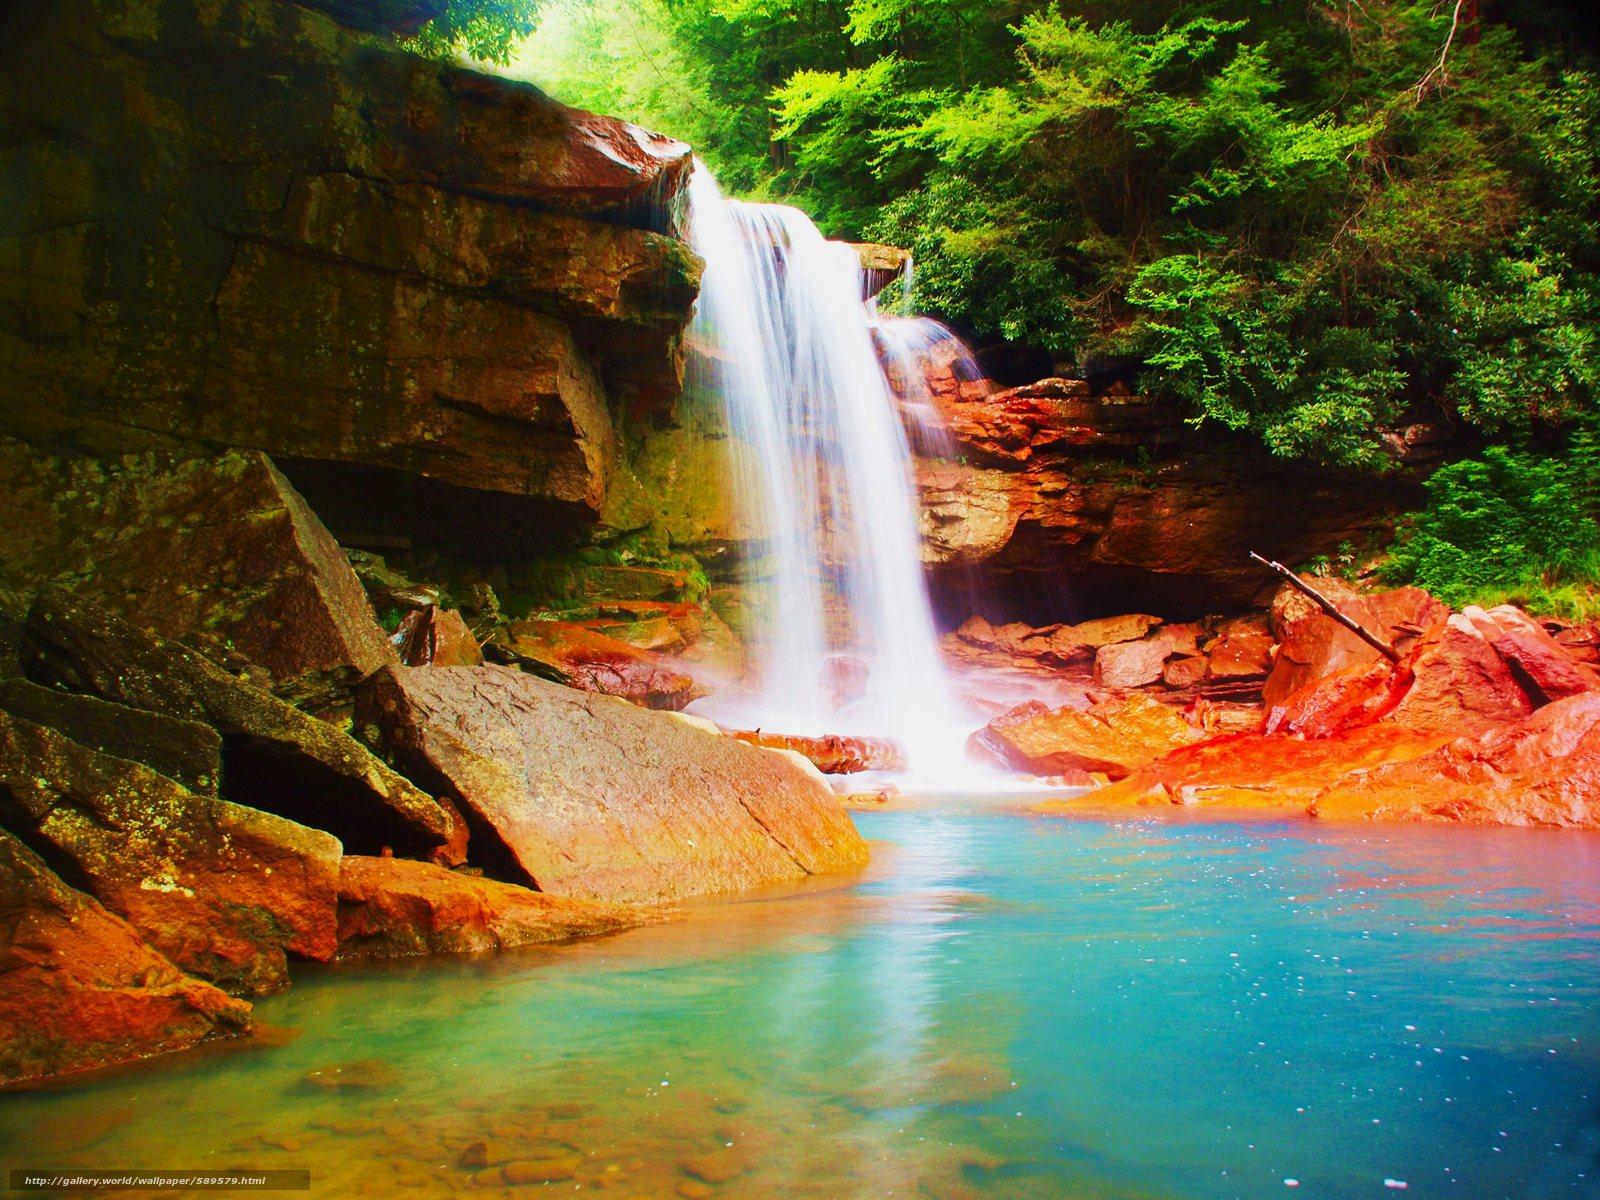 Tlcharger Fond d'ecran cascade,  Rocks,  forêt,  arbres Fonds d'ecran gratuits pour votre rsolution du bureau 4032x3024 — image №589579